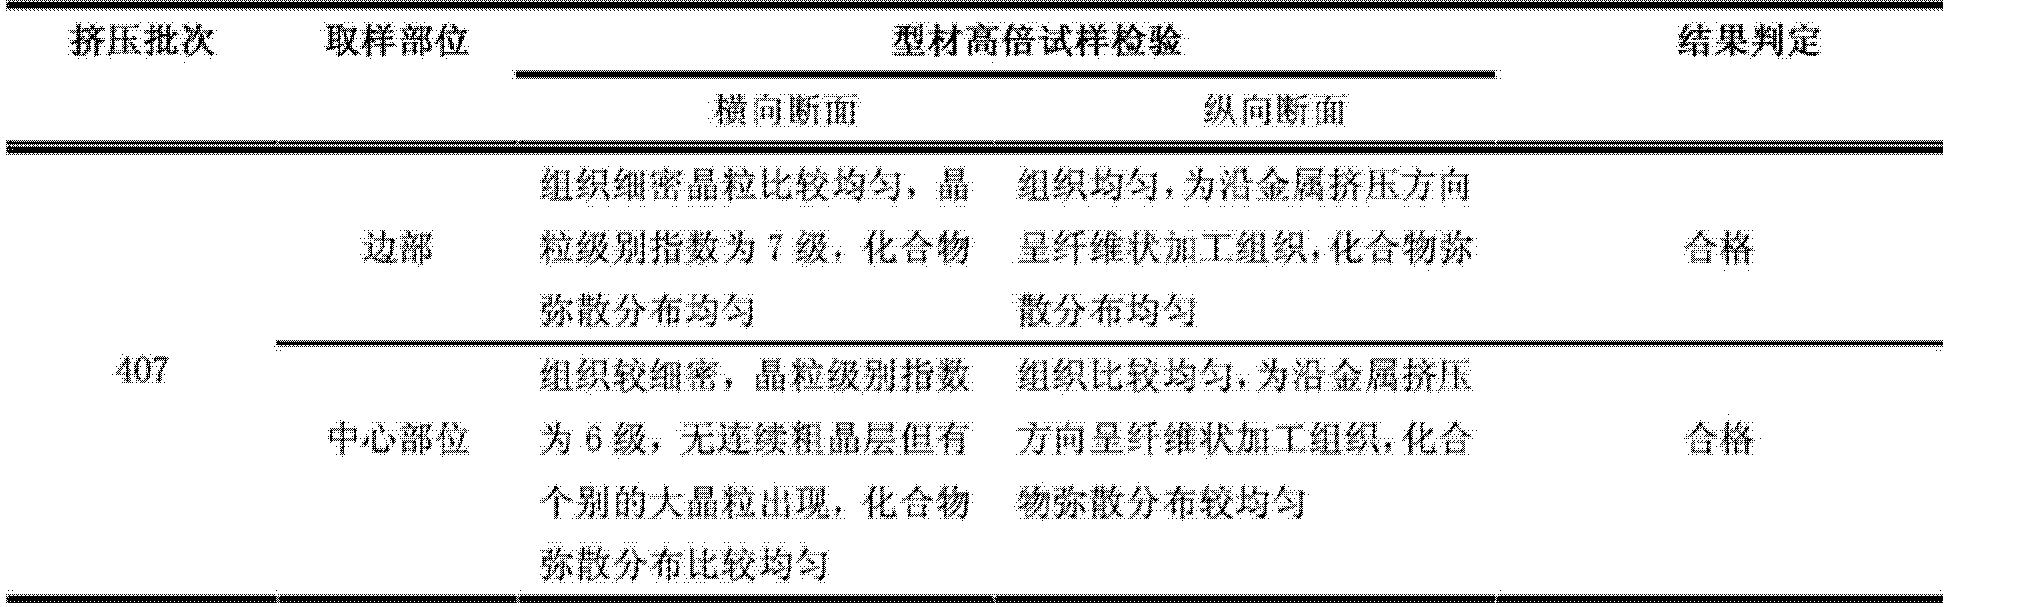 Figure CN102978488BD00093